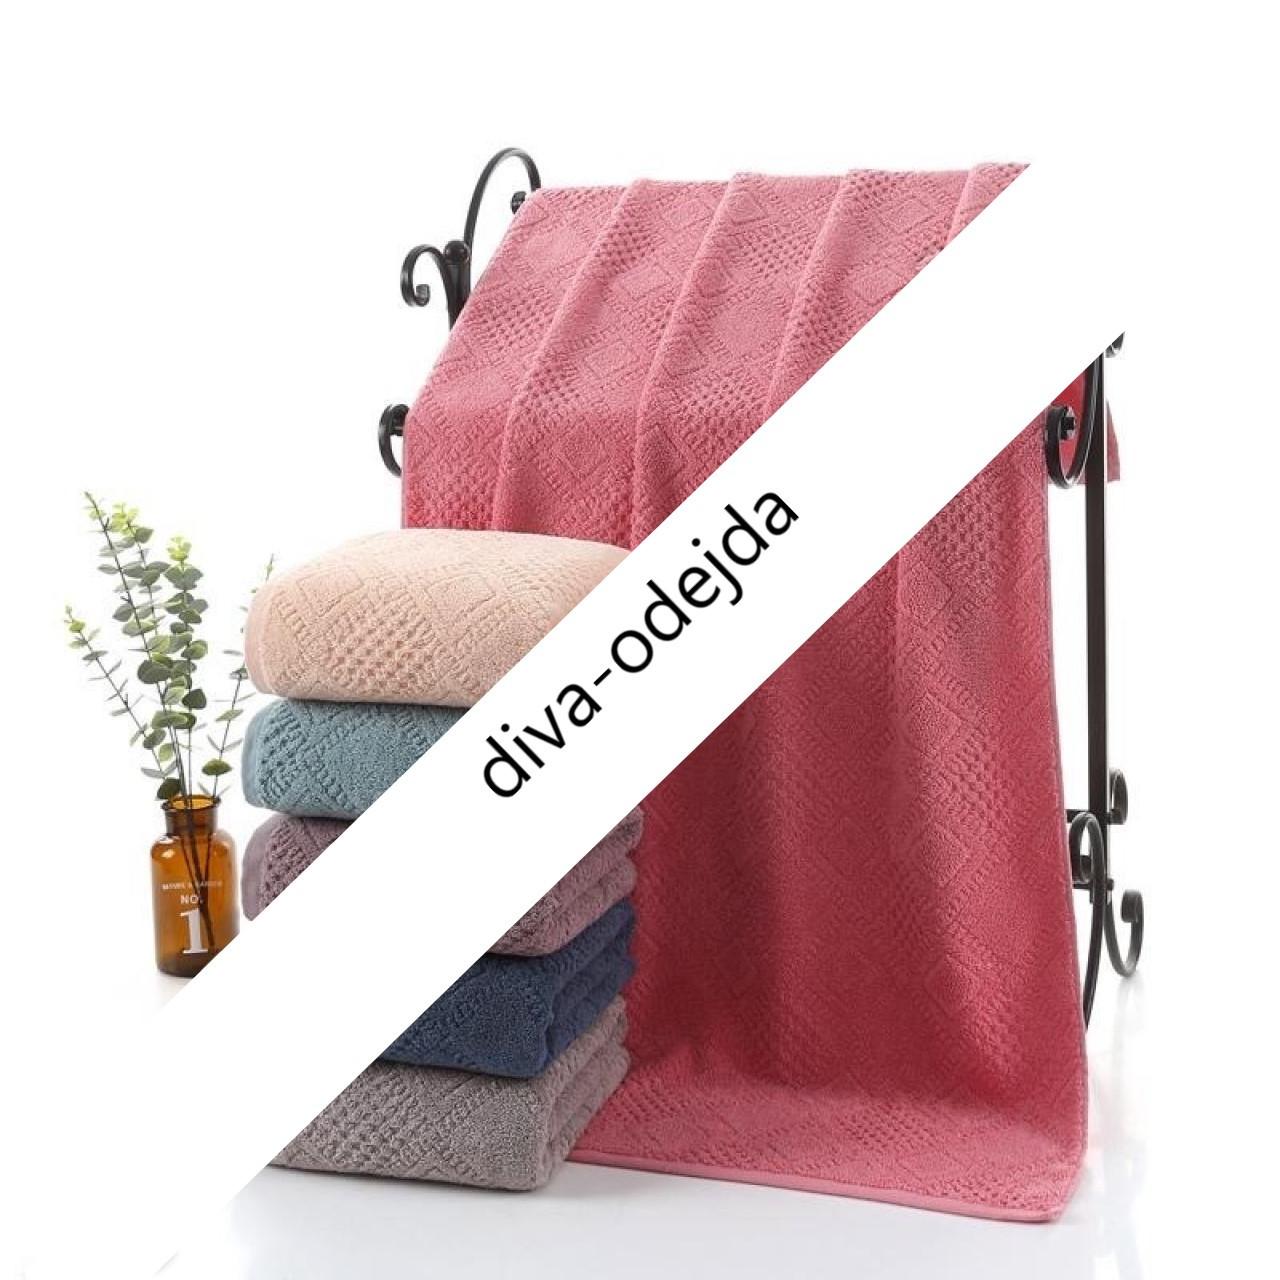 Банное полотенце из качественного материала. Размер:1,4 x 0,7